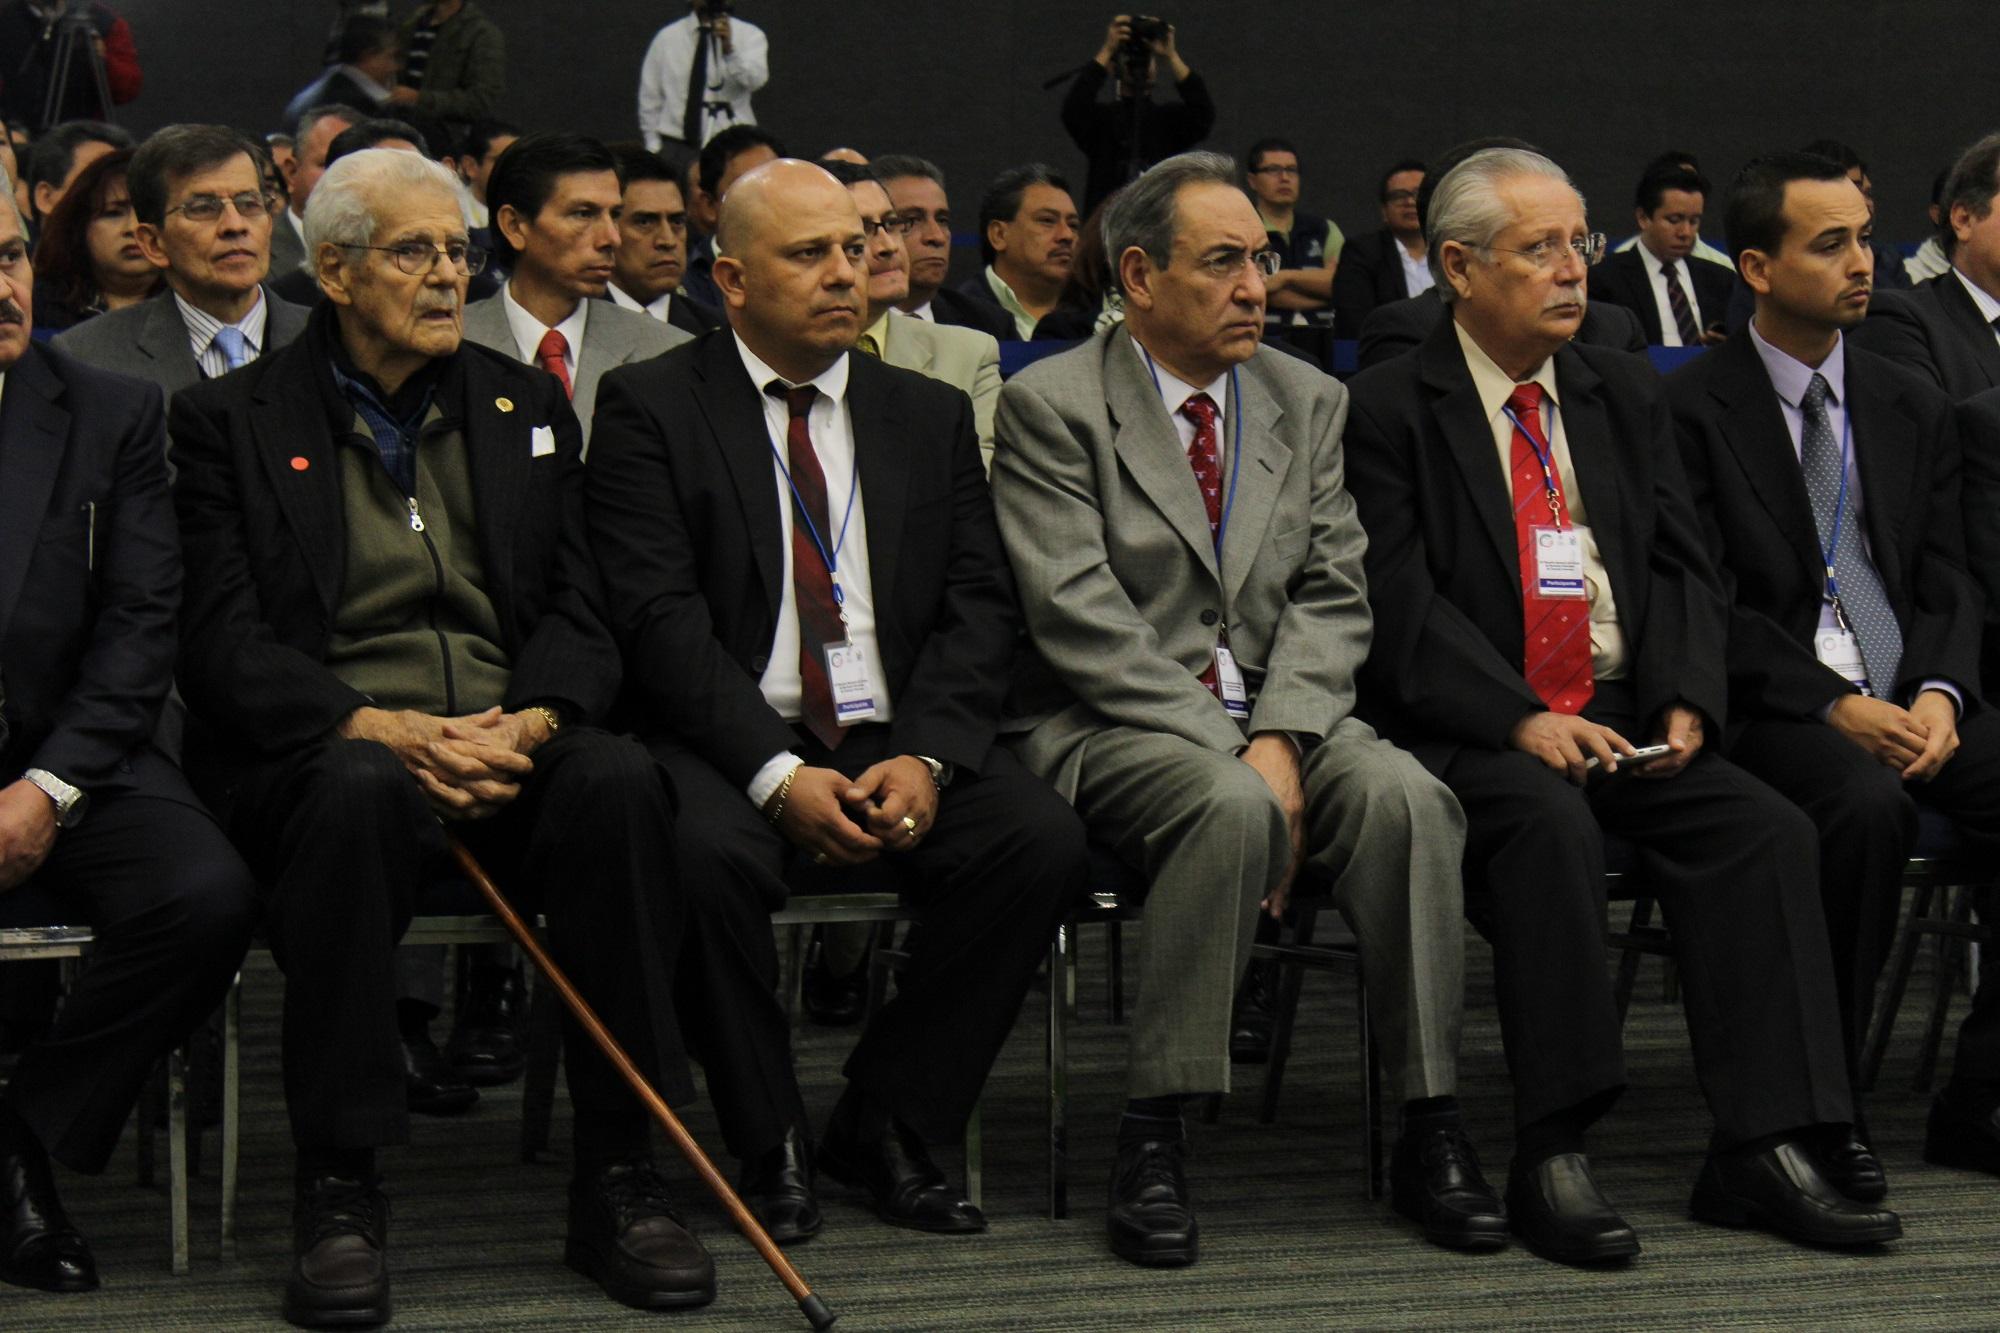 Se realizó la XXIV Reunión Nacional del Grupo de Servicios Periciales y Ciencias Forenses